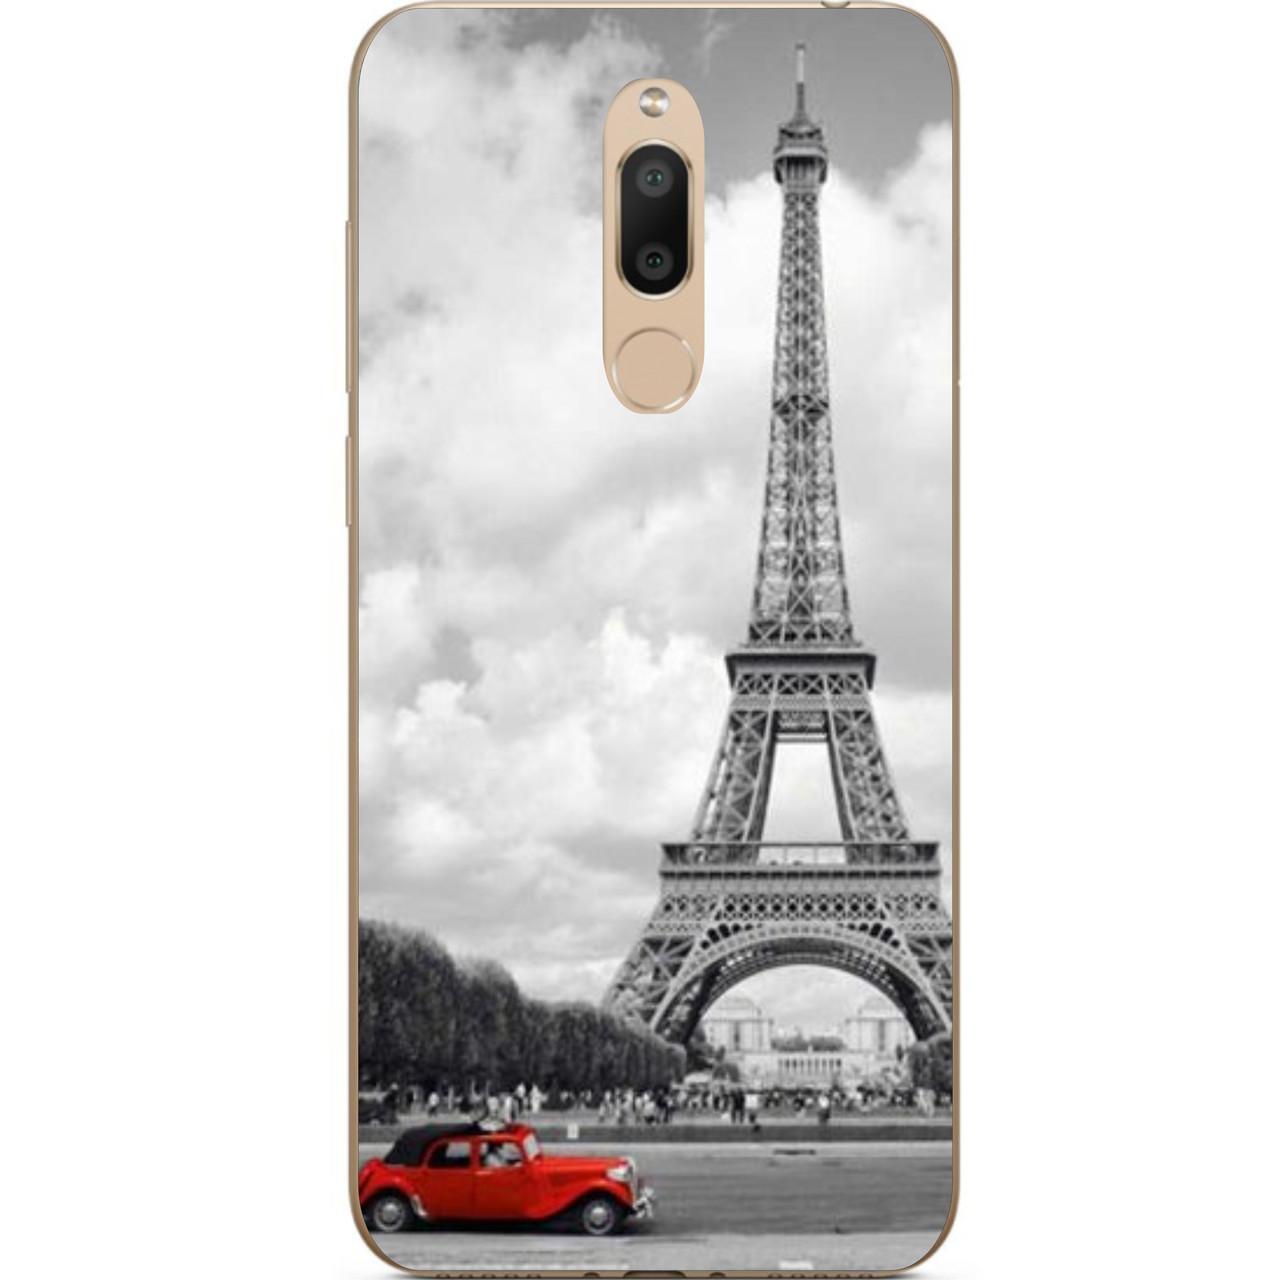 TPU чехол з картинкою (силікон) для Meizu M6T Париж